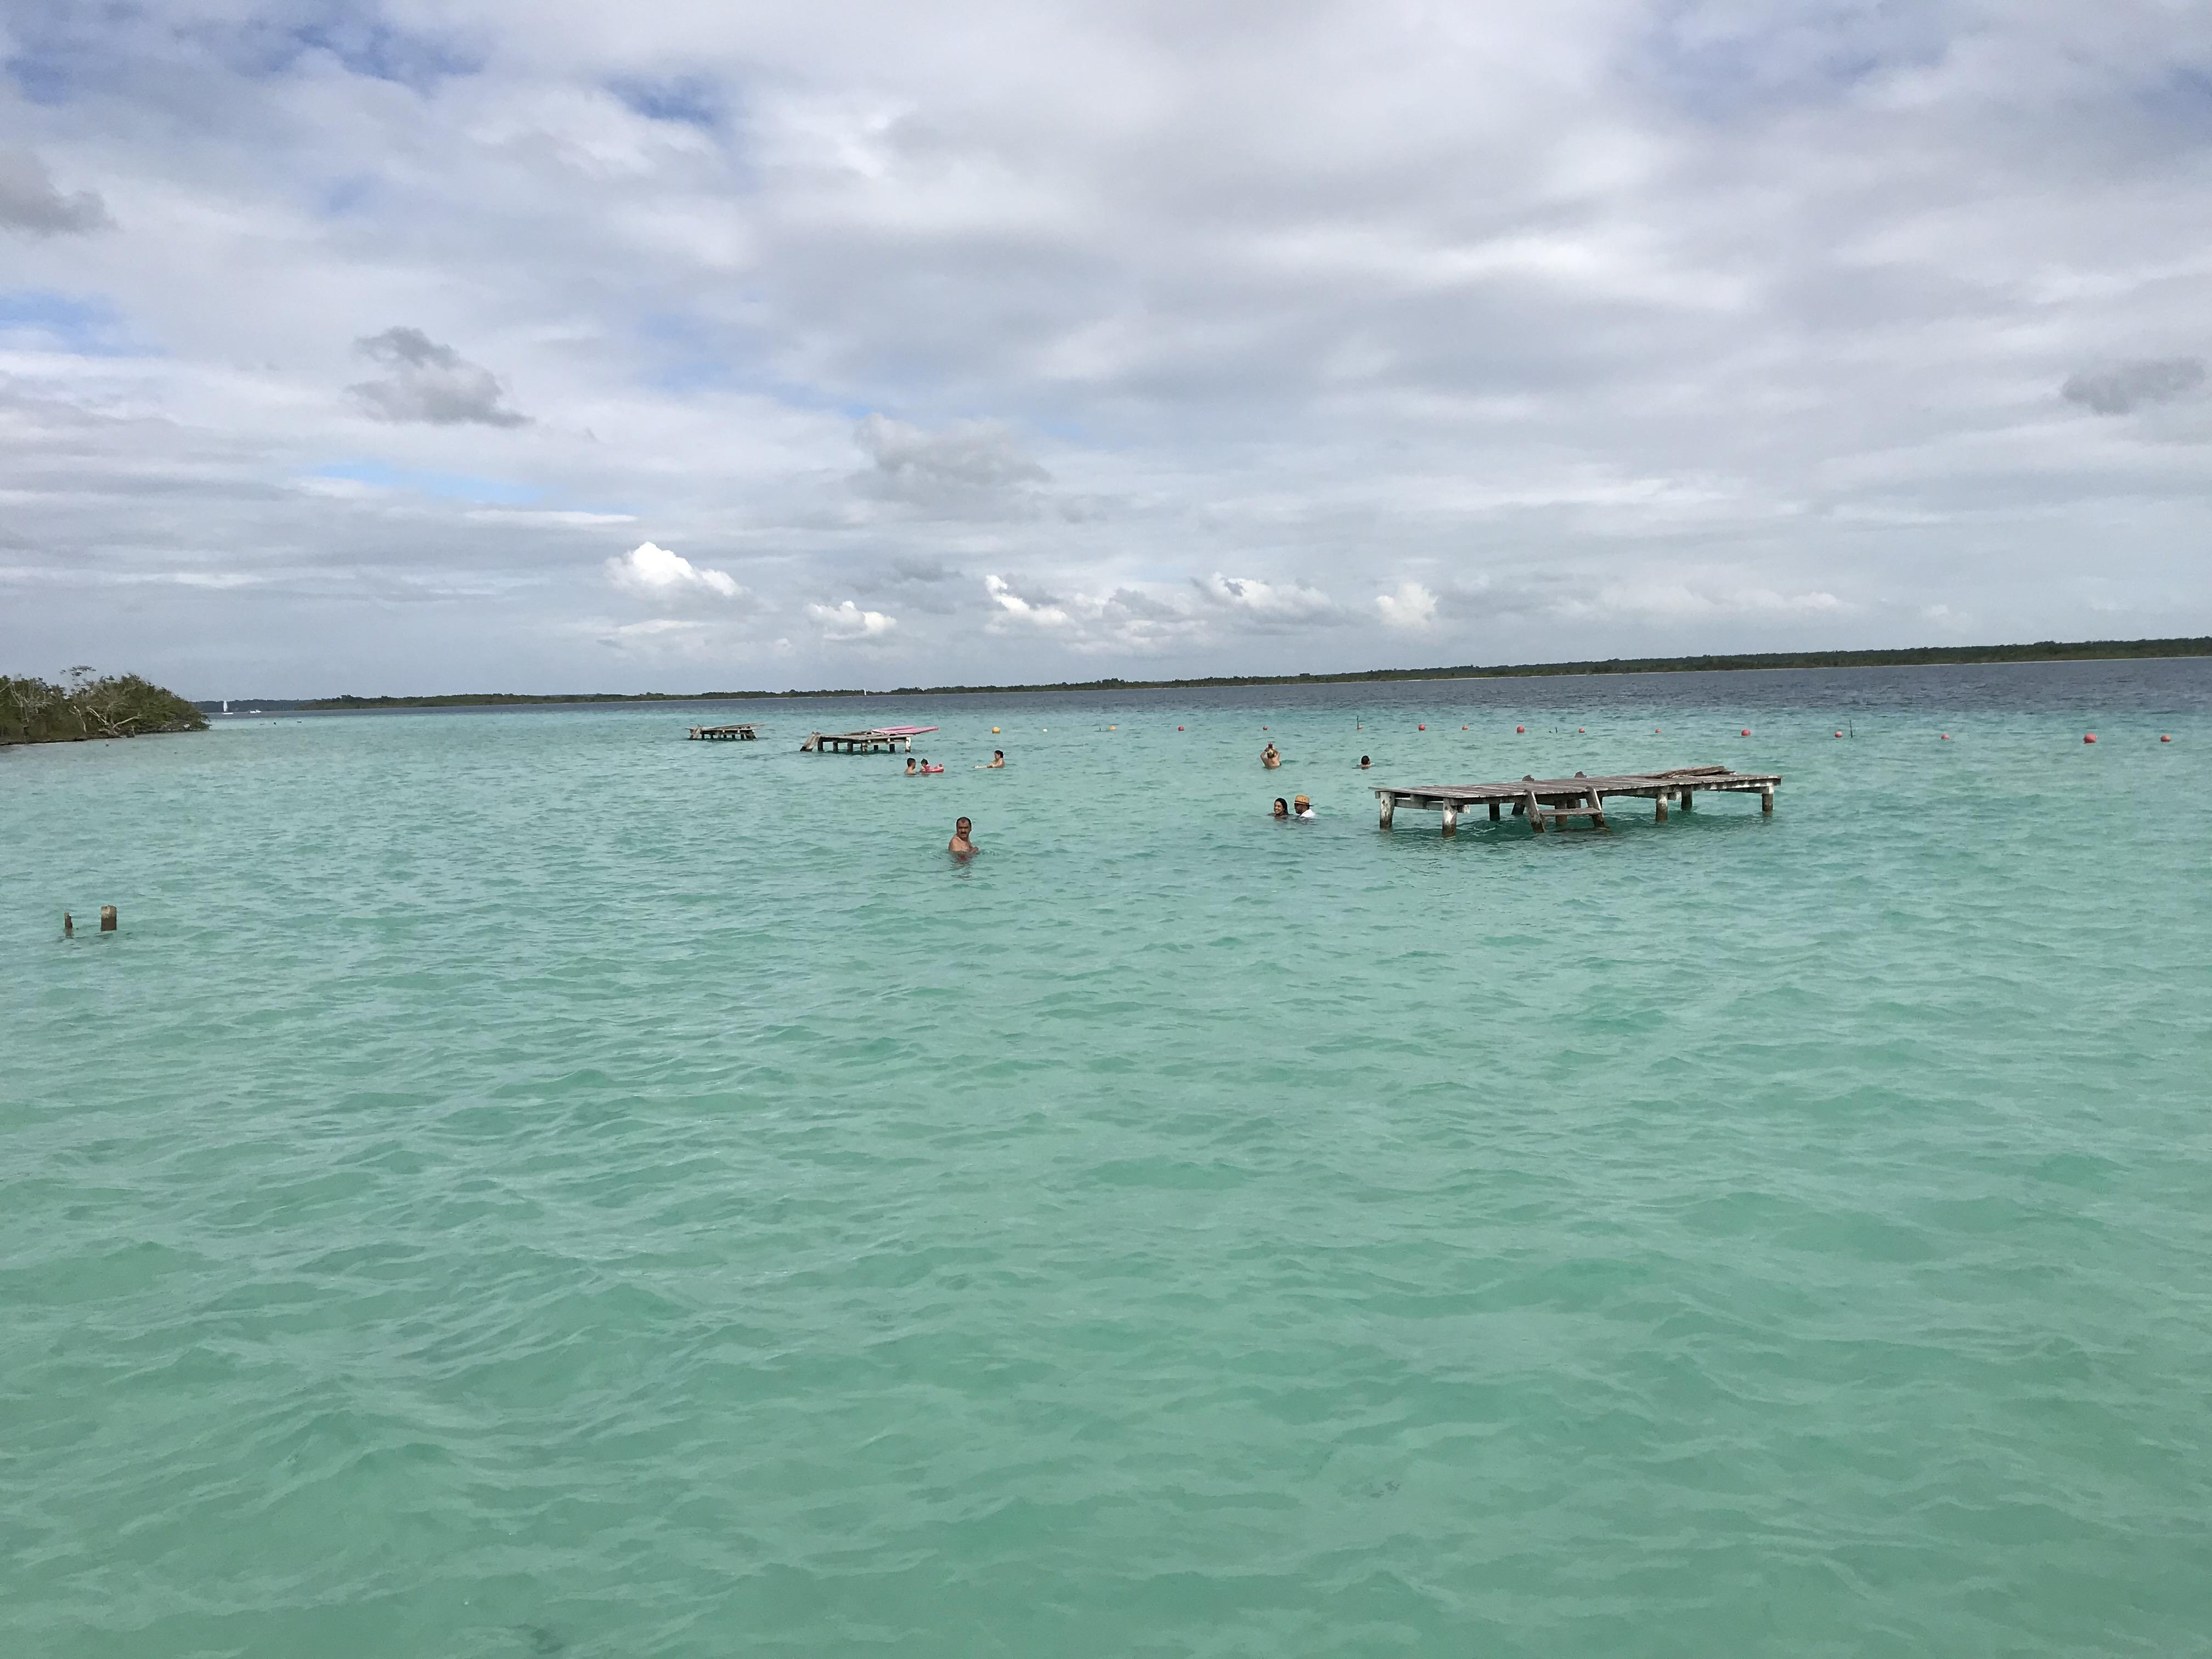 バカラル湖